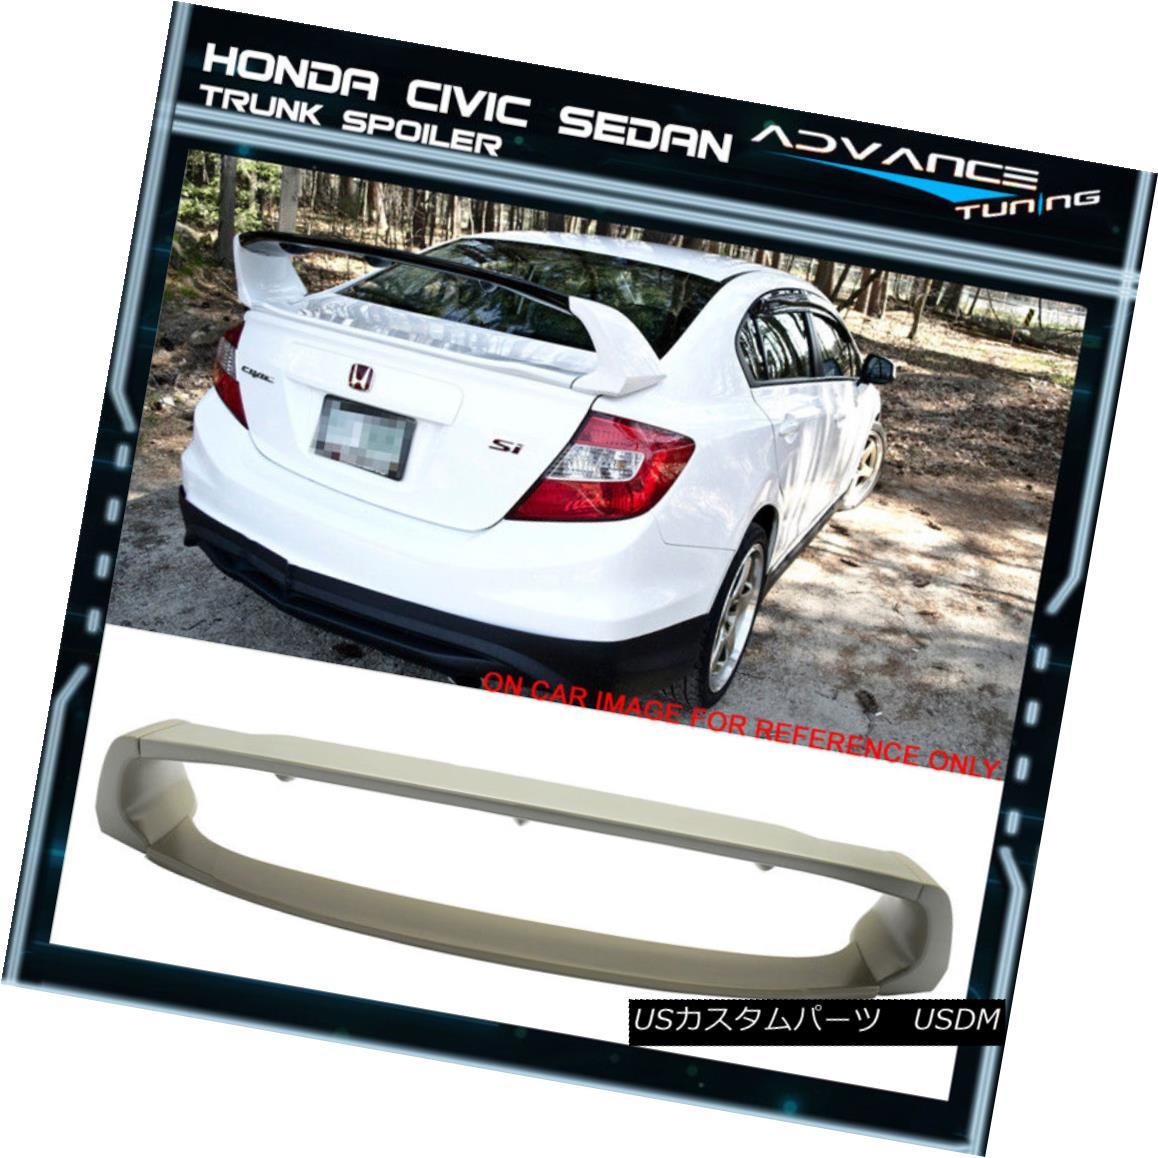 エアロパーツ 12-15 Honda Civic Mugen Style Trunk Spoiler Unpainted 4Pcs ABS 12-15ホンダシビックミュンヘンスタイルトランクスポイラー未塗装4個入りABS